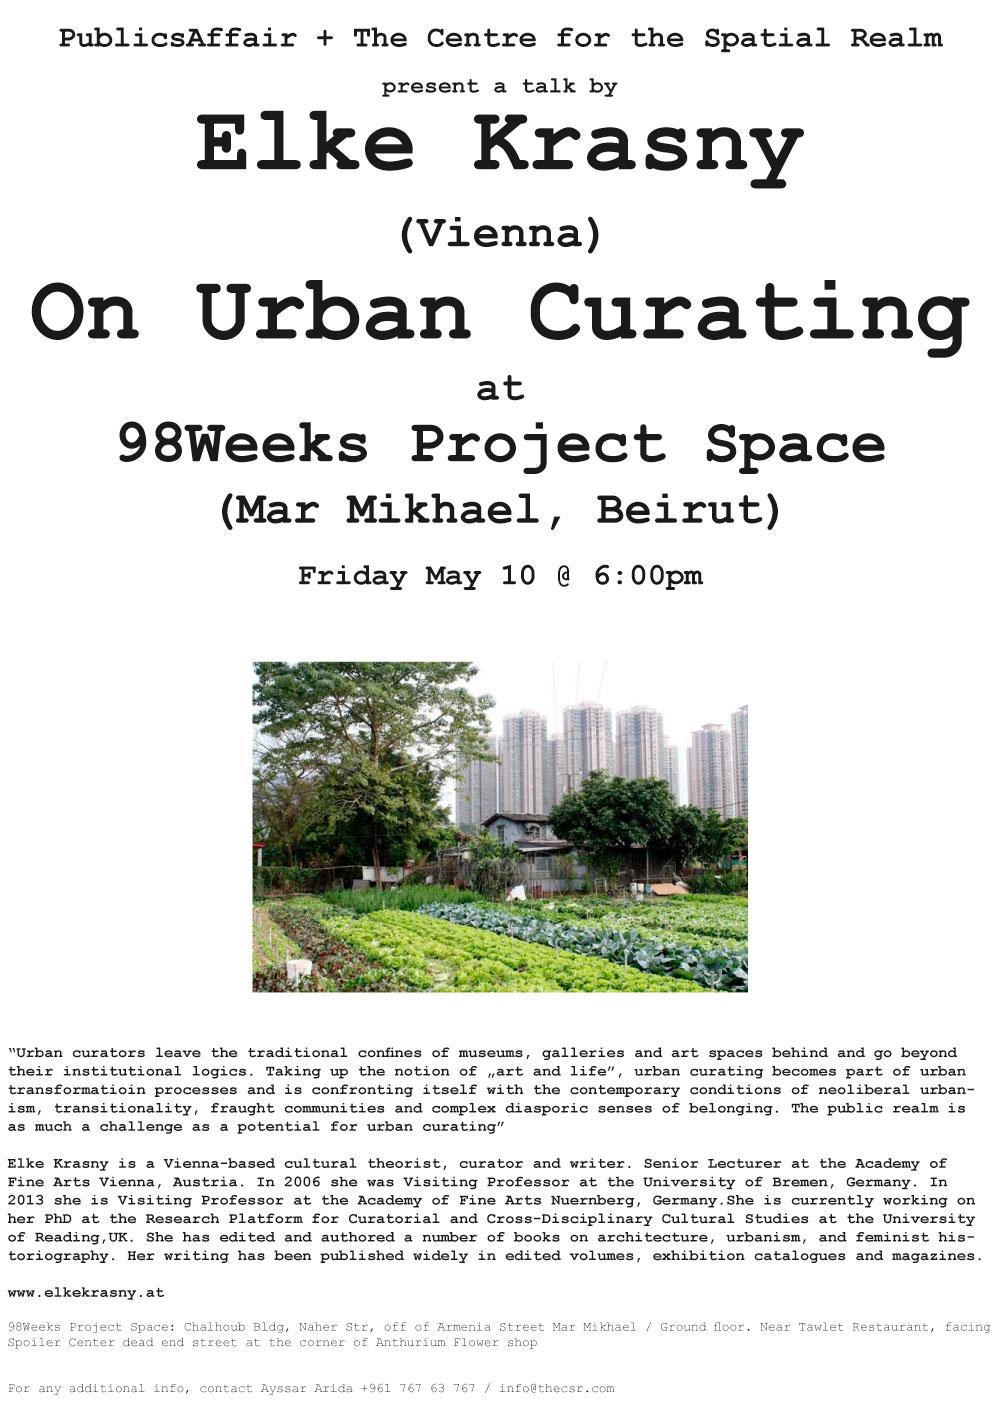 Elke-Krasny-On-Urban-Curating-at-98weeks_1000pxl